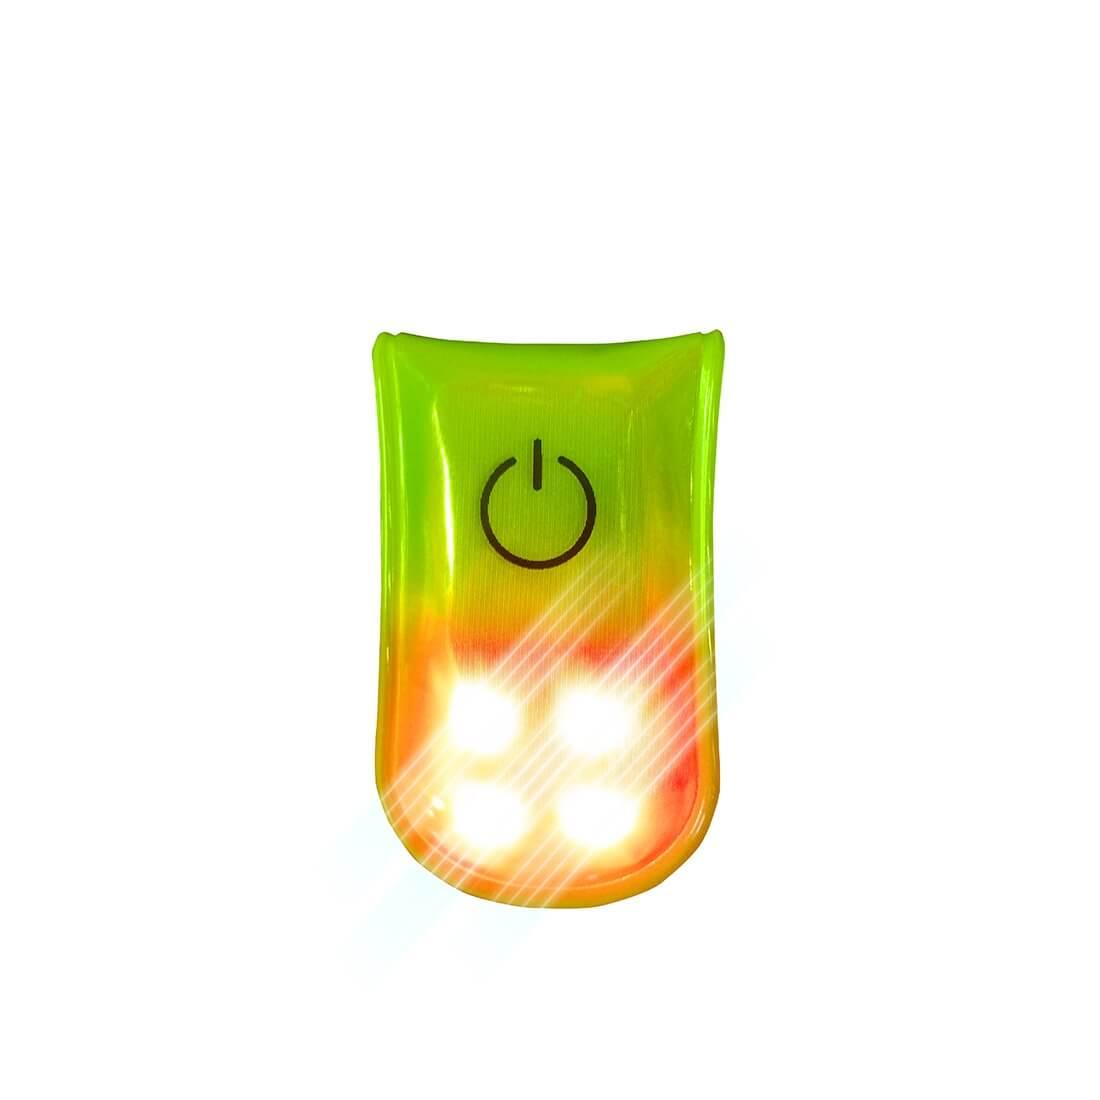 LED Atasabil Magnetic - Imbracaminte de protectie